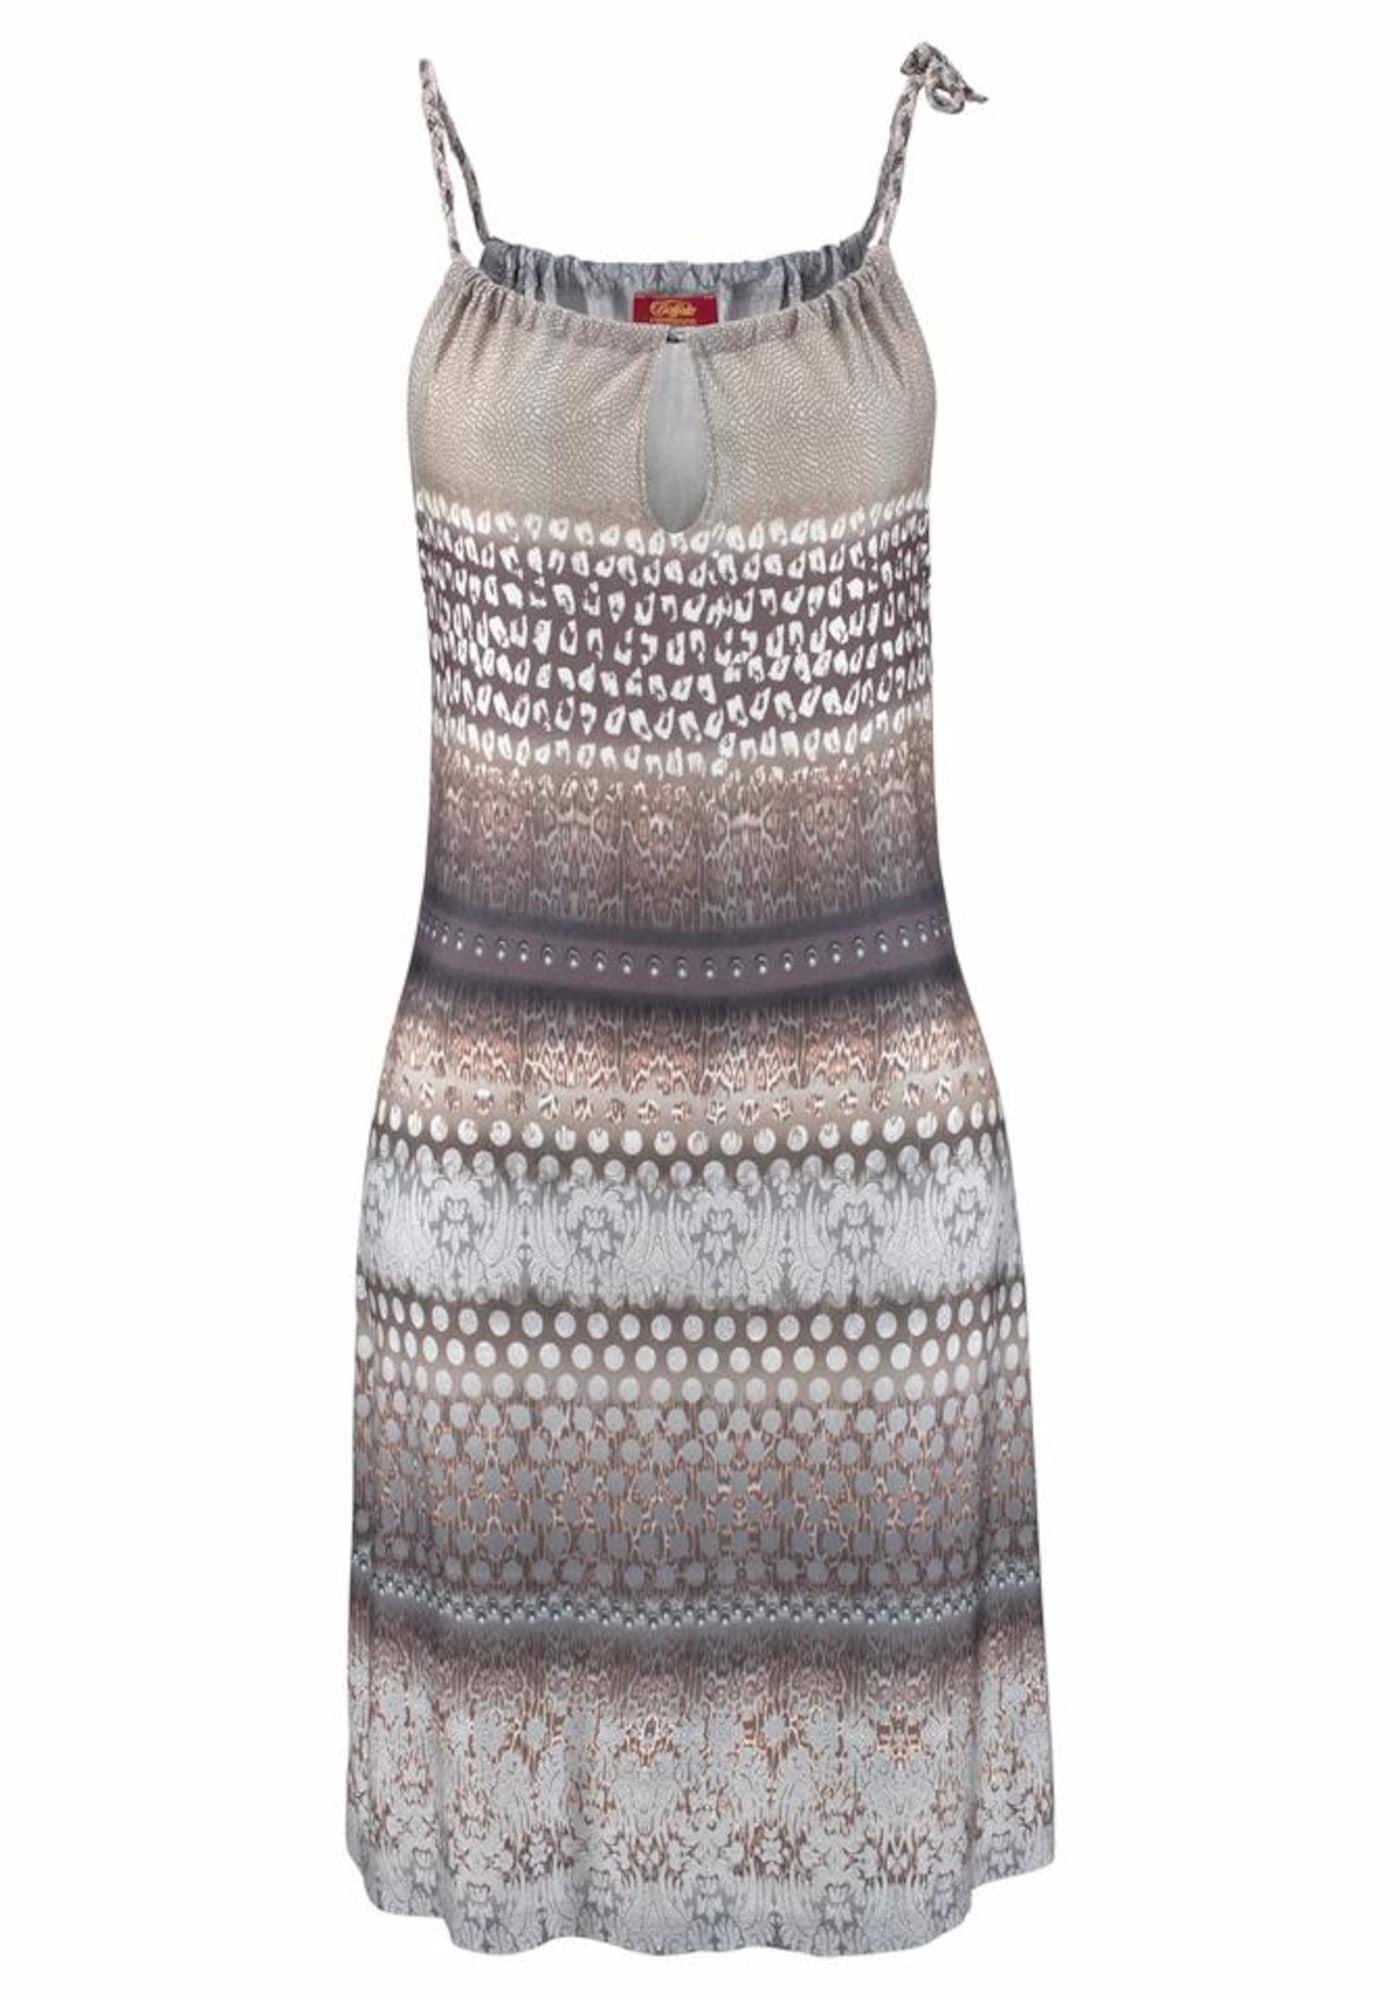 BUFFALO Paplūdimio suknelė mėlyna dūmų spalva / mokos spalva